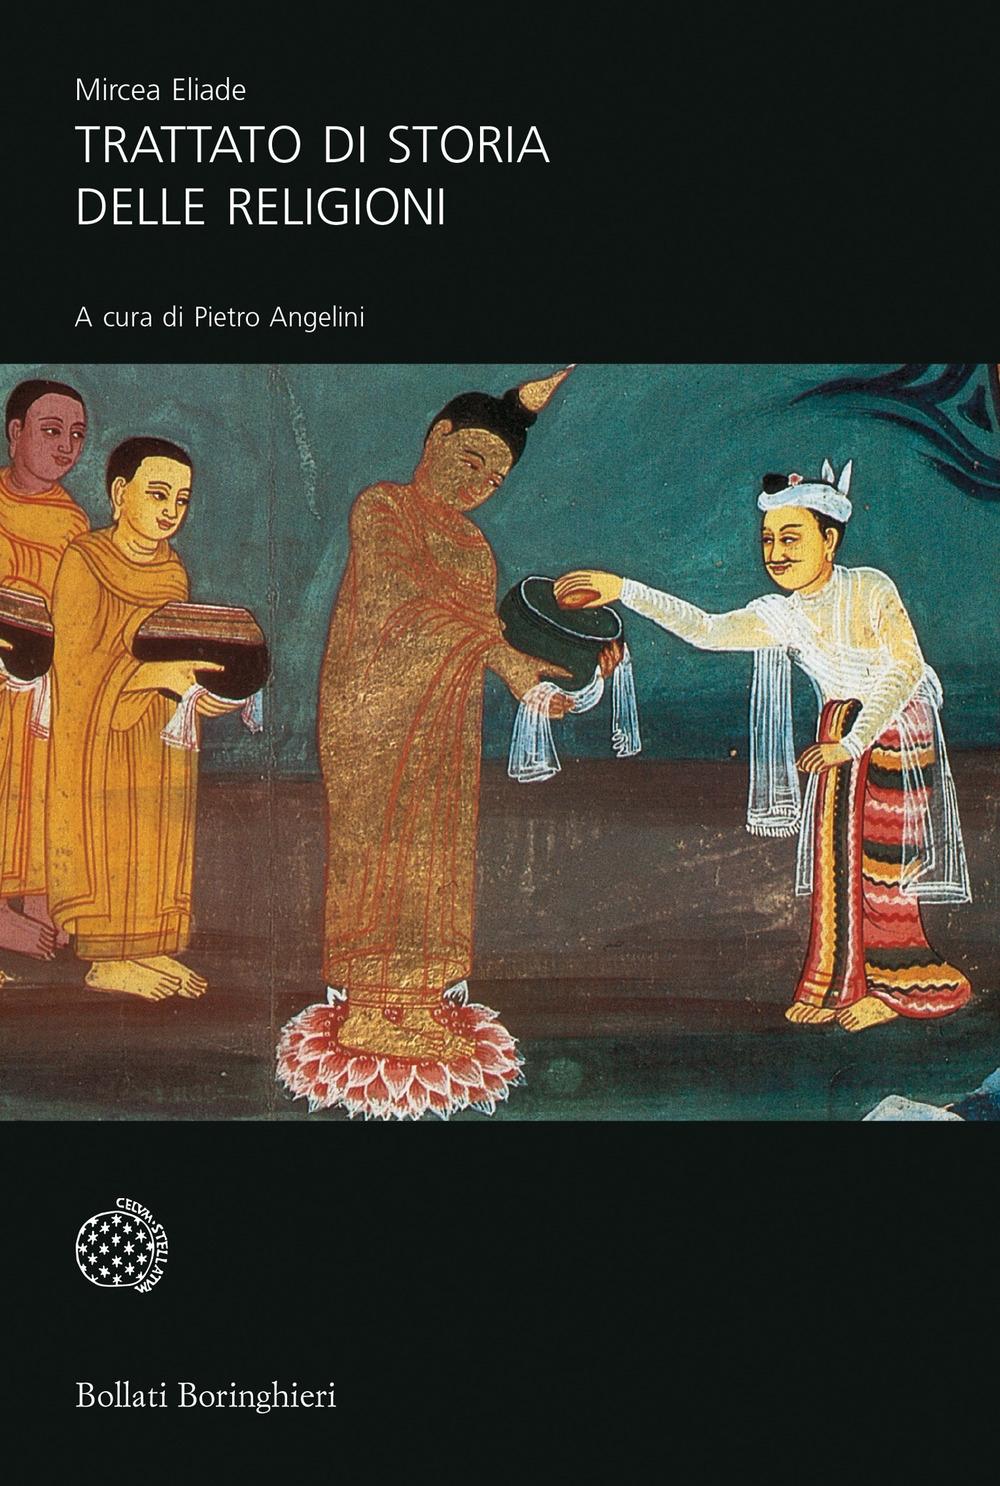 Trattato di storia delle religioni.